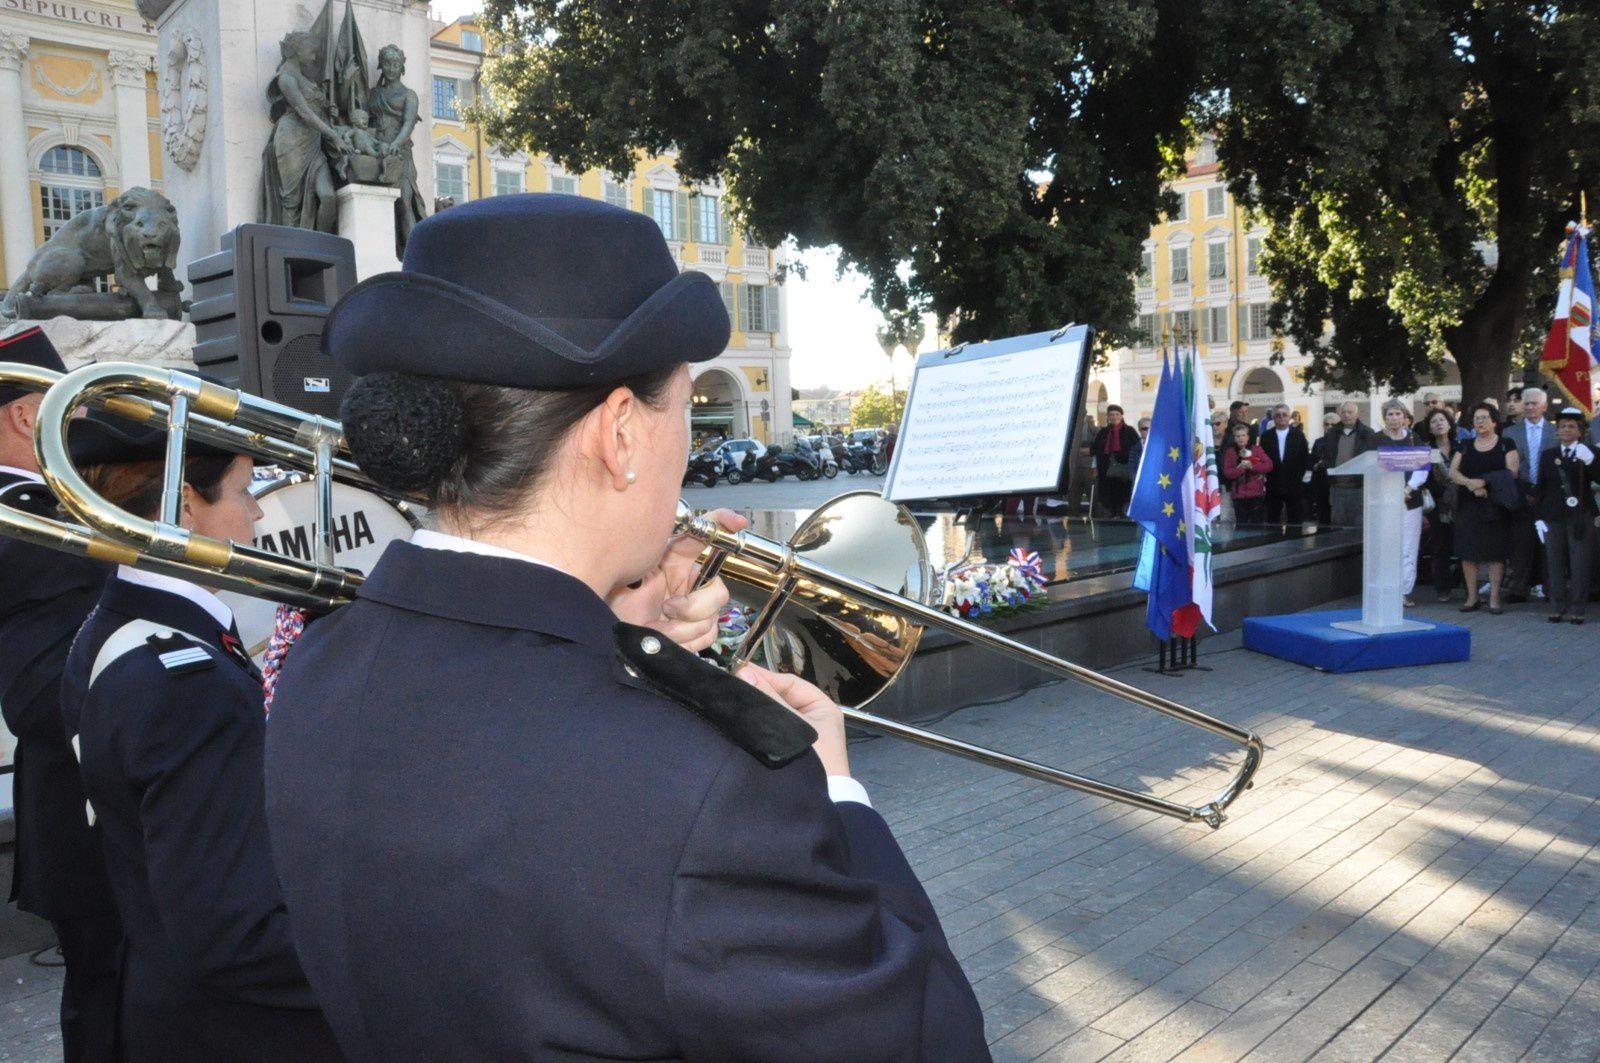 Nizza: Commemorazioni del Centenario della Grande Guerra -  Omaggio alla memoria di Bruno e Costante Garibaldi